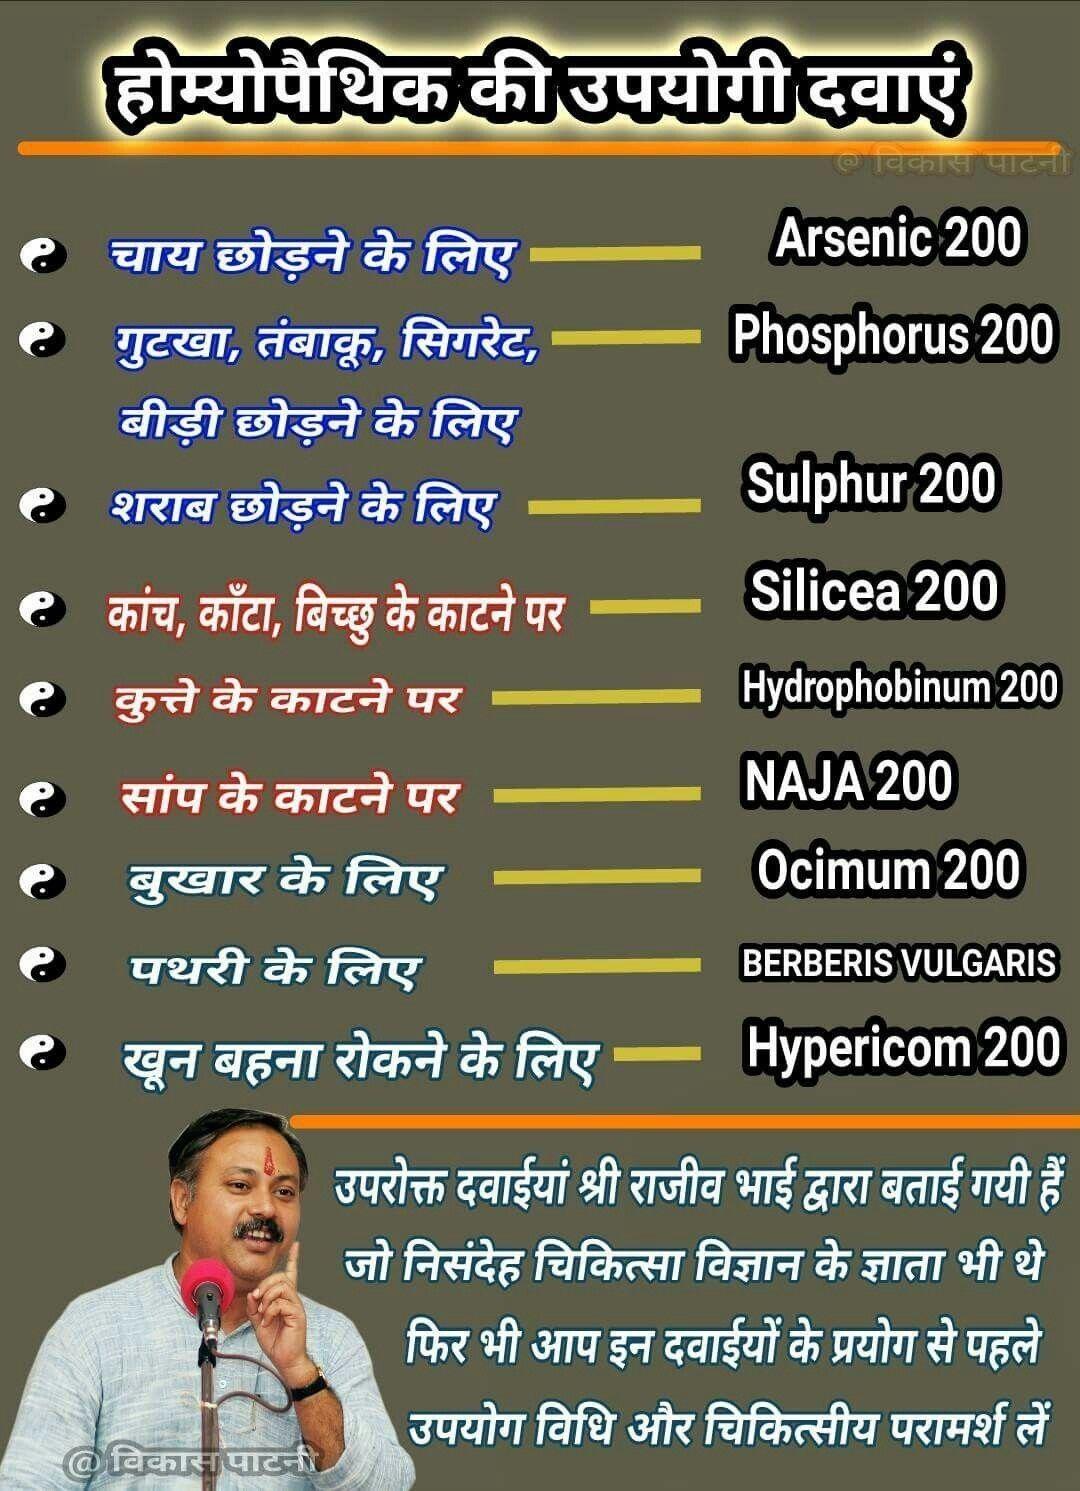 Hindi homeopathy | HEALTH FITNESS | Homeopathy medicine, Natural